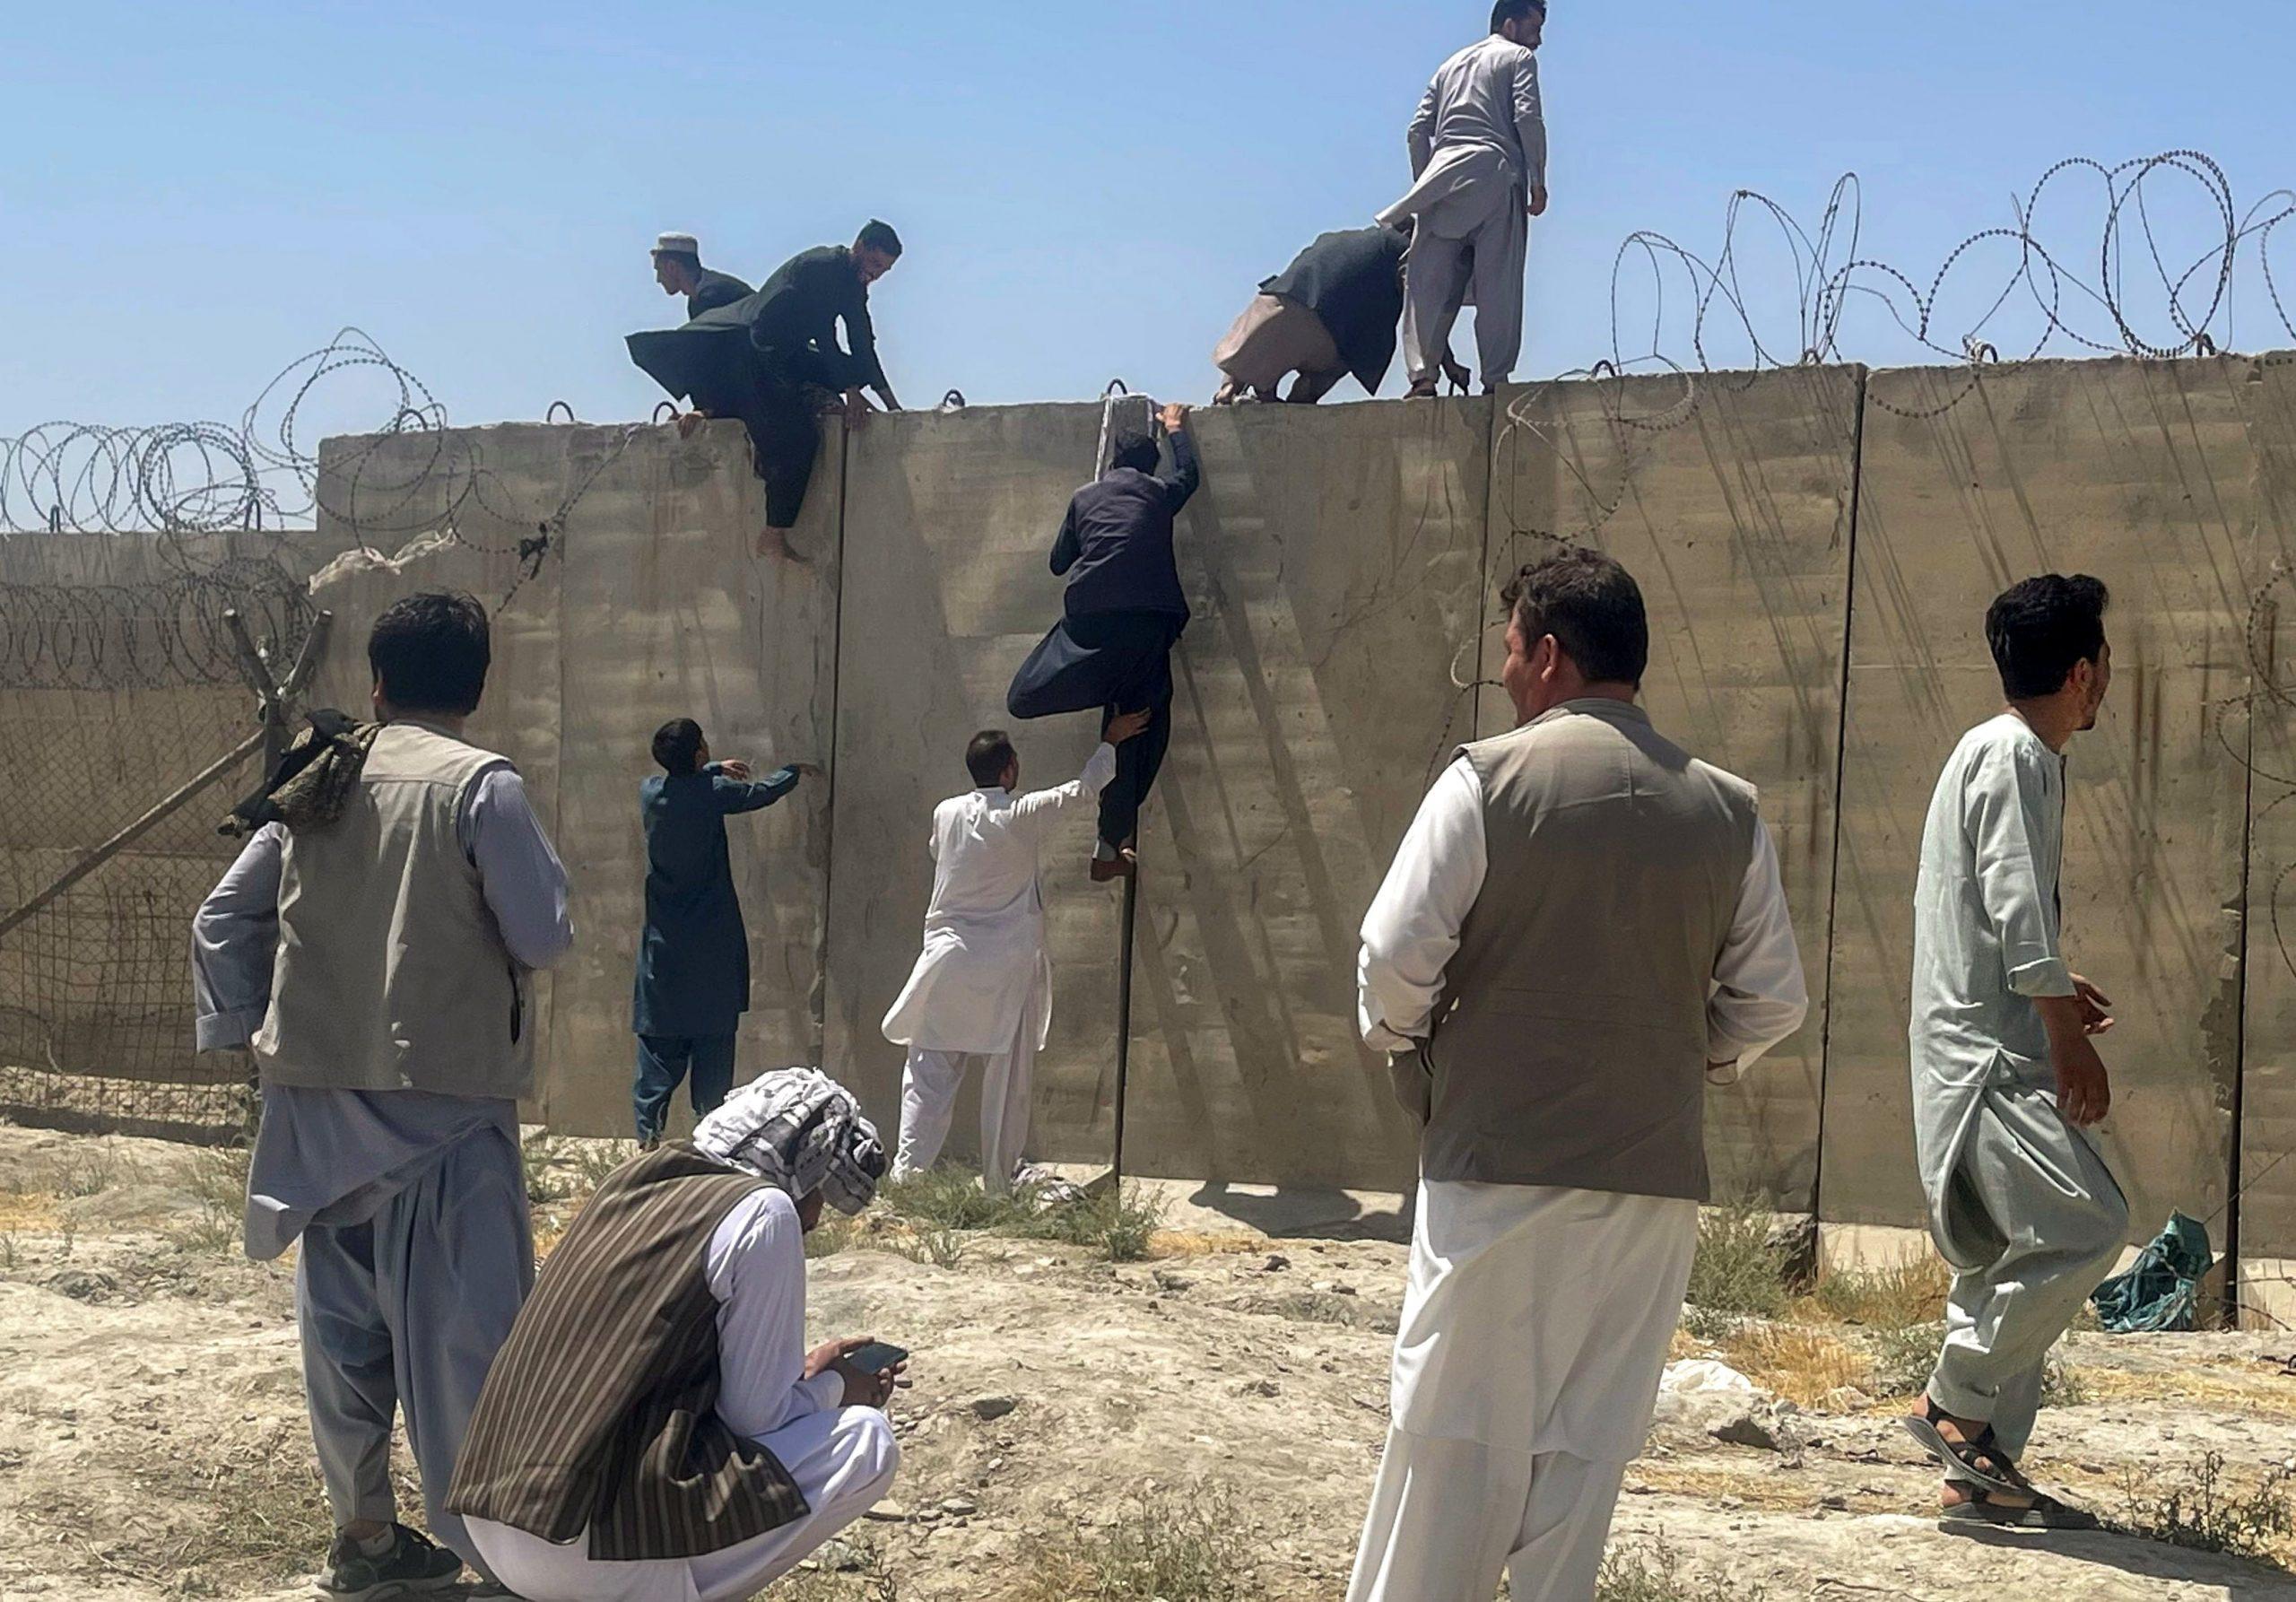 Hombres afganos tratan de entrar en el Aeropuerto de Kabul tras la victoria talibán. REUTERS